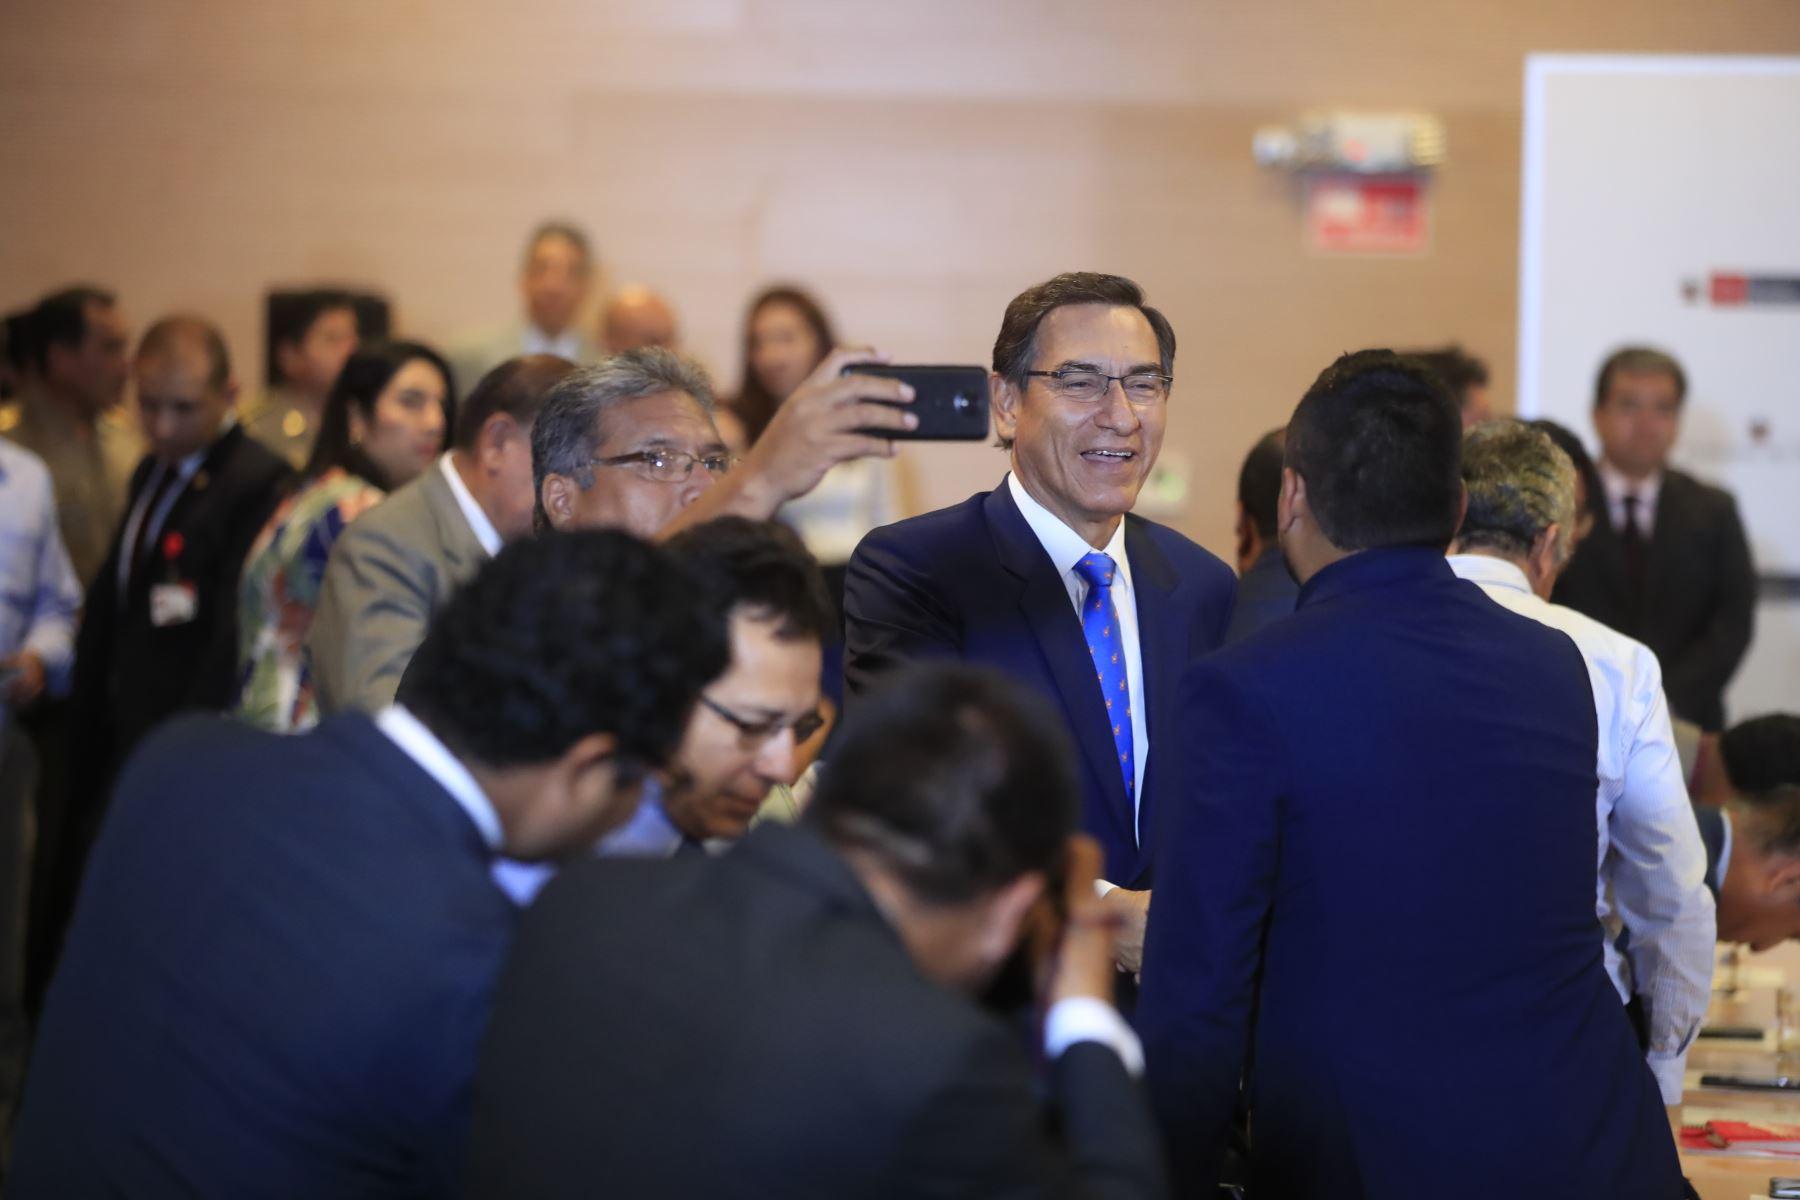 El presidente Martín Vizcarra participa en una reunión de trabajo entre el Ejecutivo y representantes de la Asociación de Municipalidades del Perú (AMPE). Foto: ANDINA/Juan Carlos Guzmán